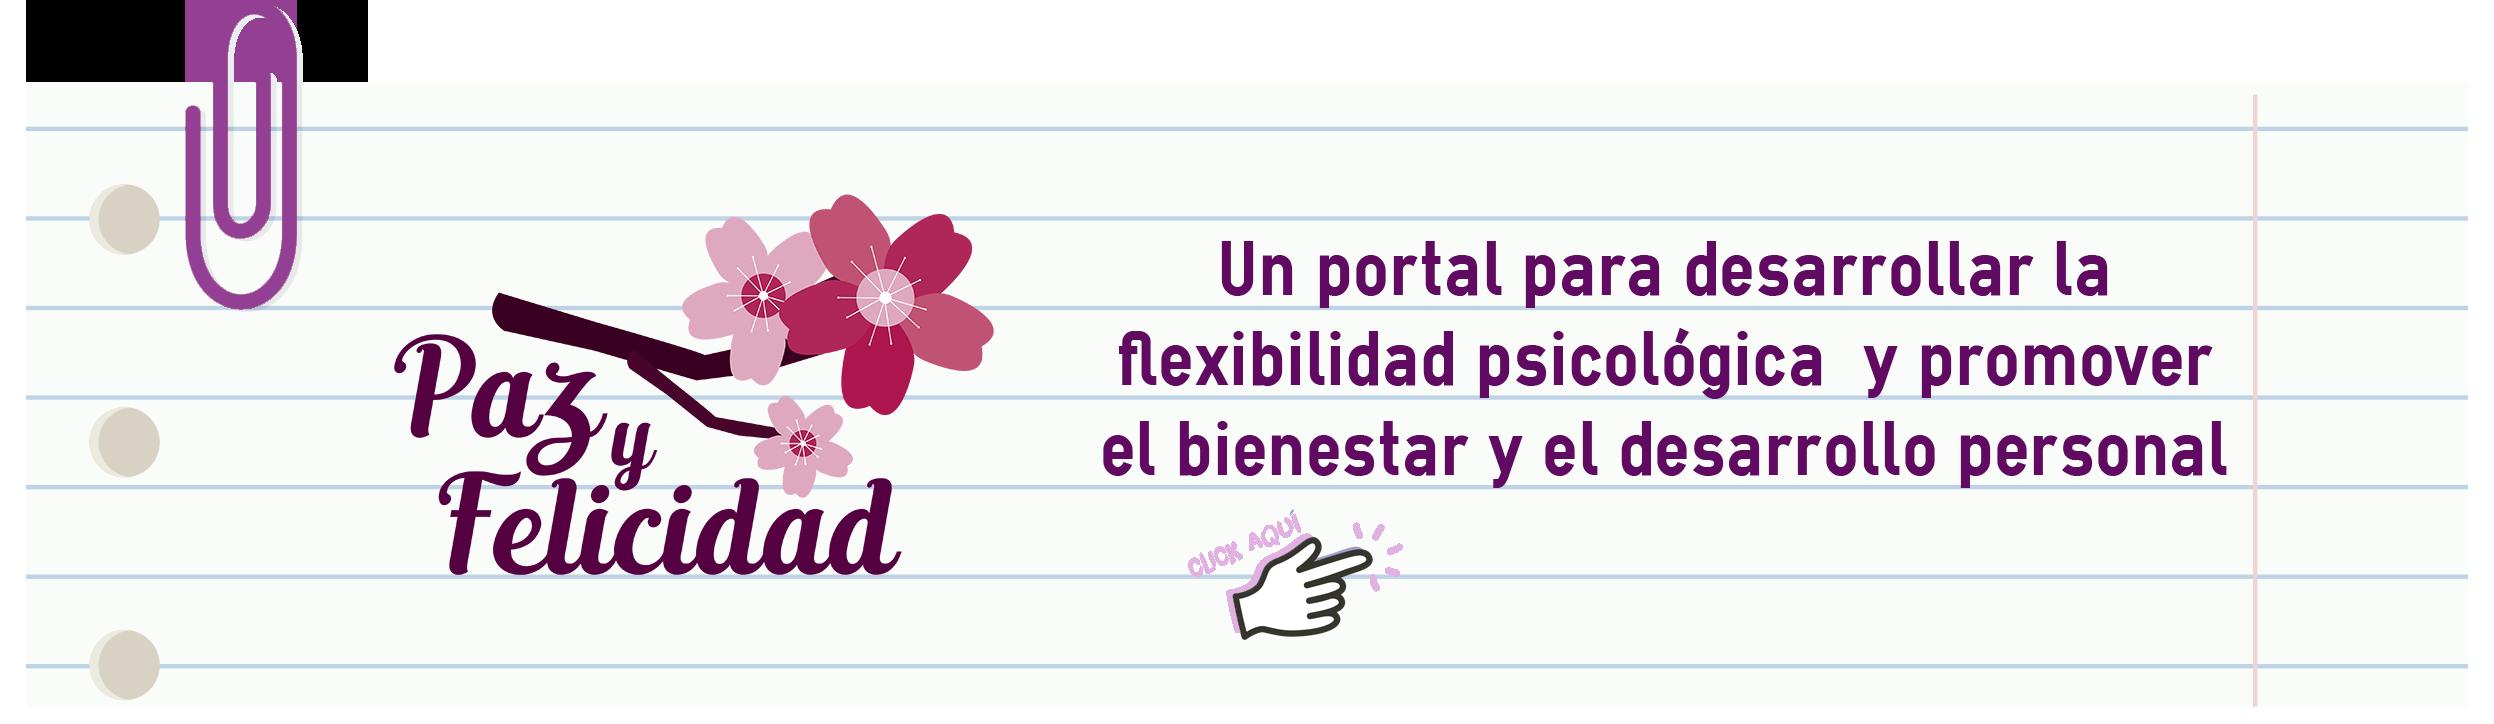 paz_&_felicidad_terapias_contextuales